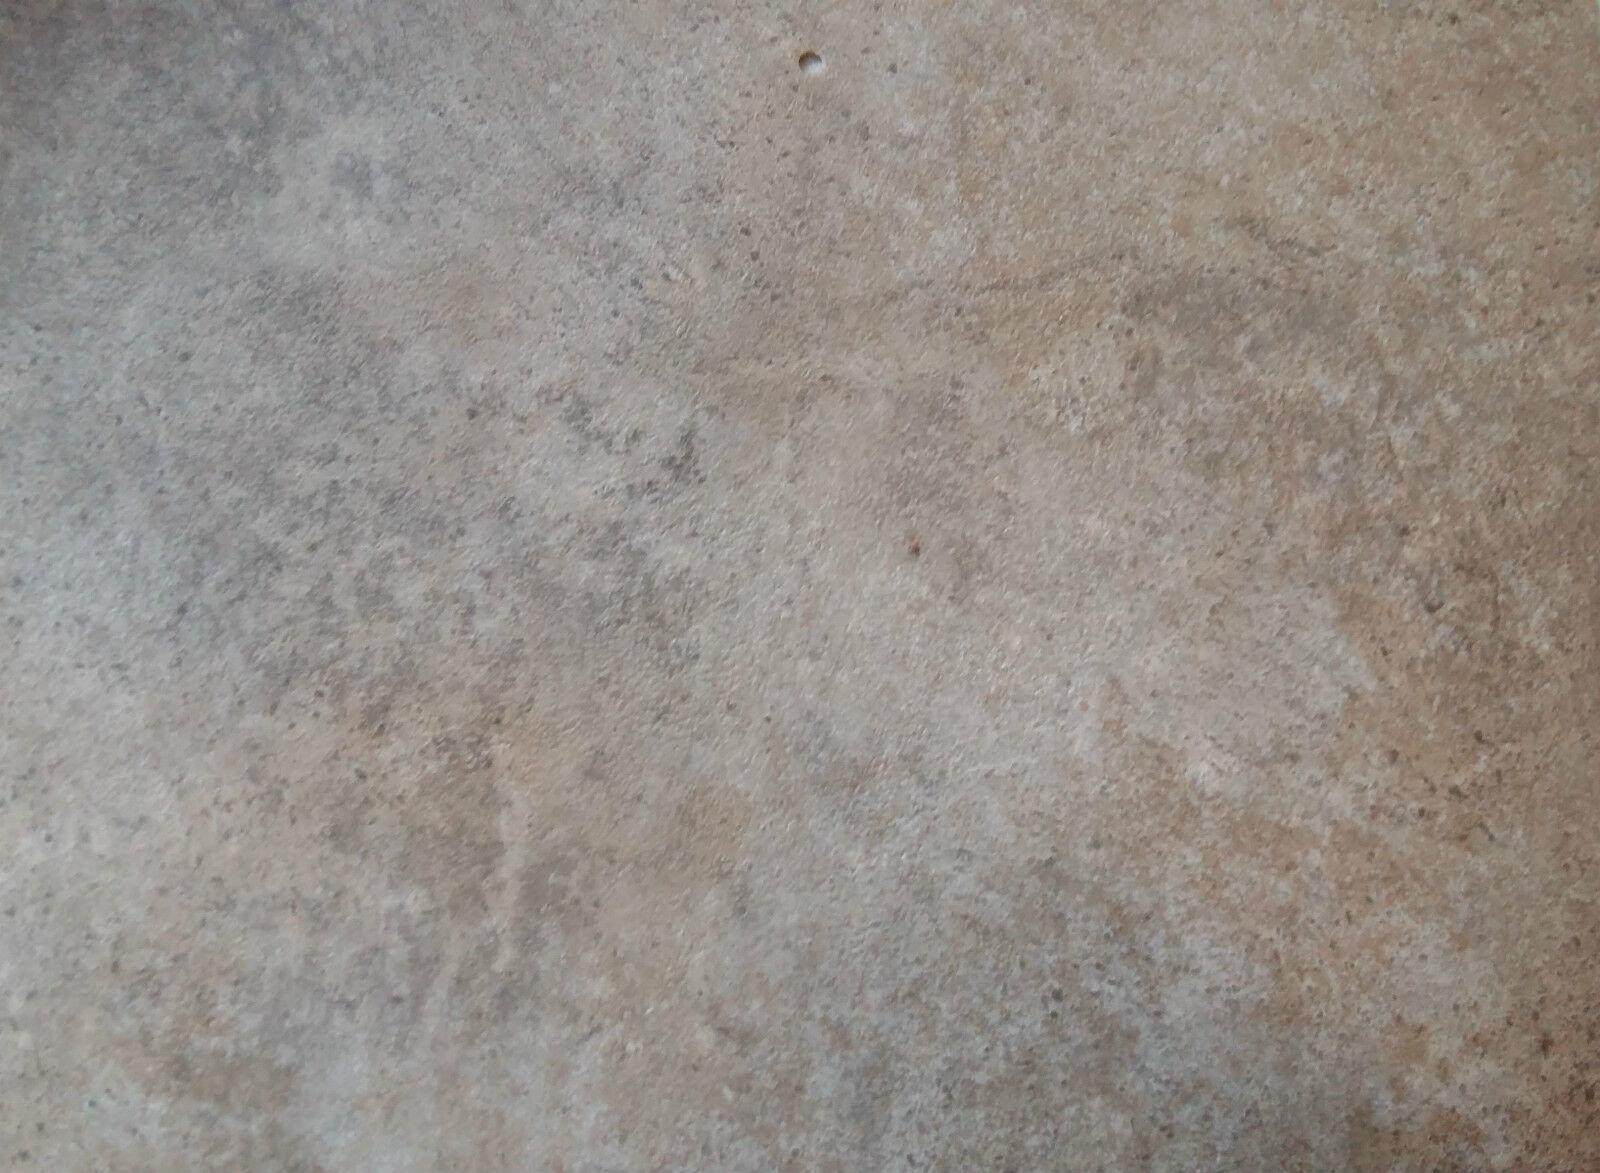 CV-Belag Steinoptik Struktur Elastischer Bodenbelag 4 und 3m B. PVC  /qm 508